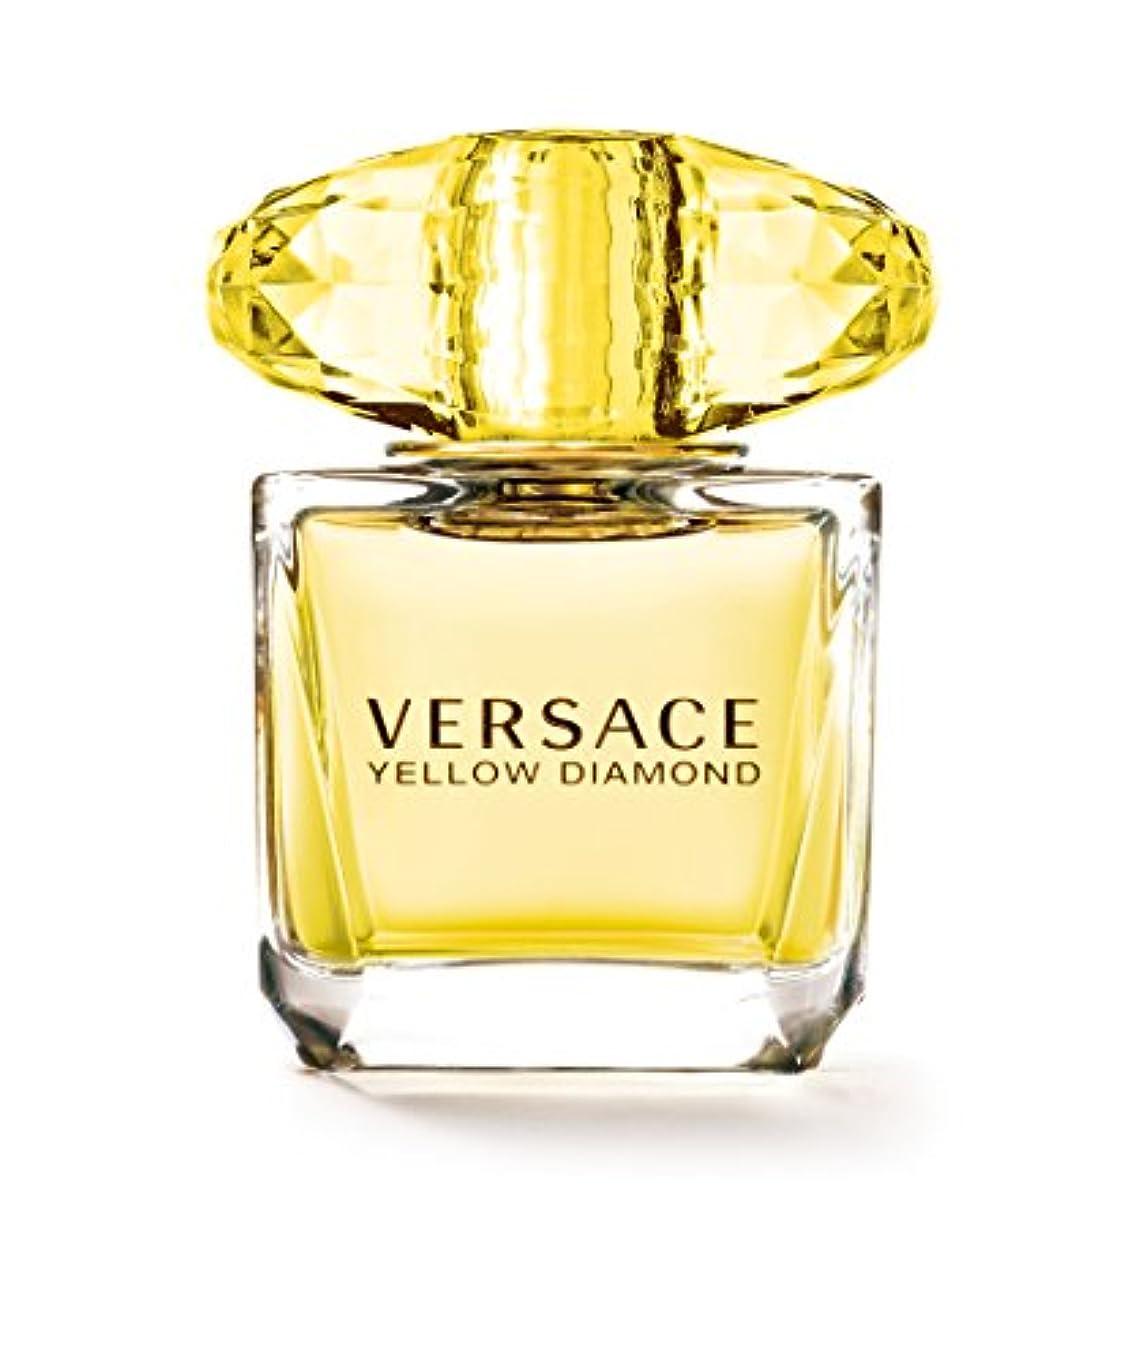 見出し概要批判的にVersace(ヴェルサーチ) ヴェルサーチェ イエローダイアモンド EDT フルーティー?フローラル 30ml